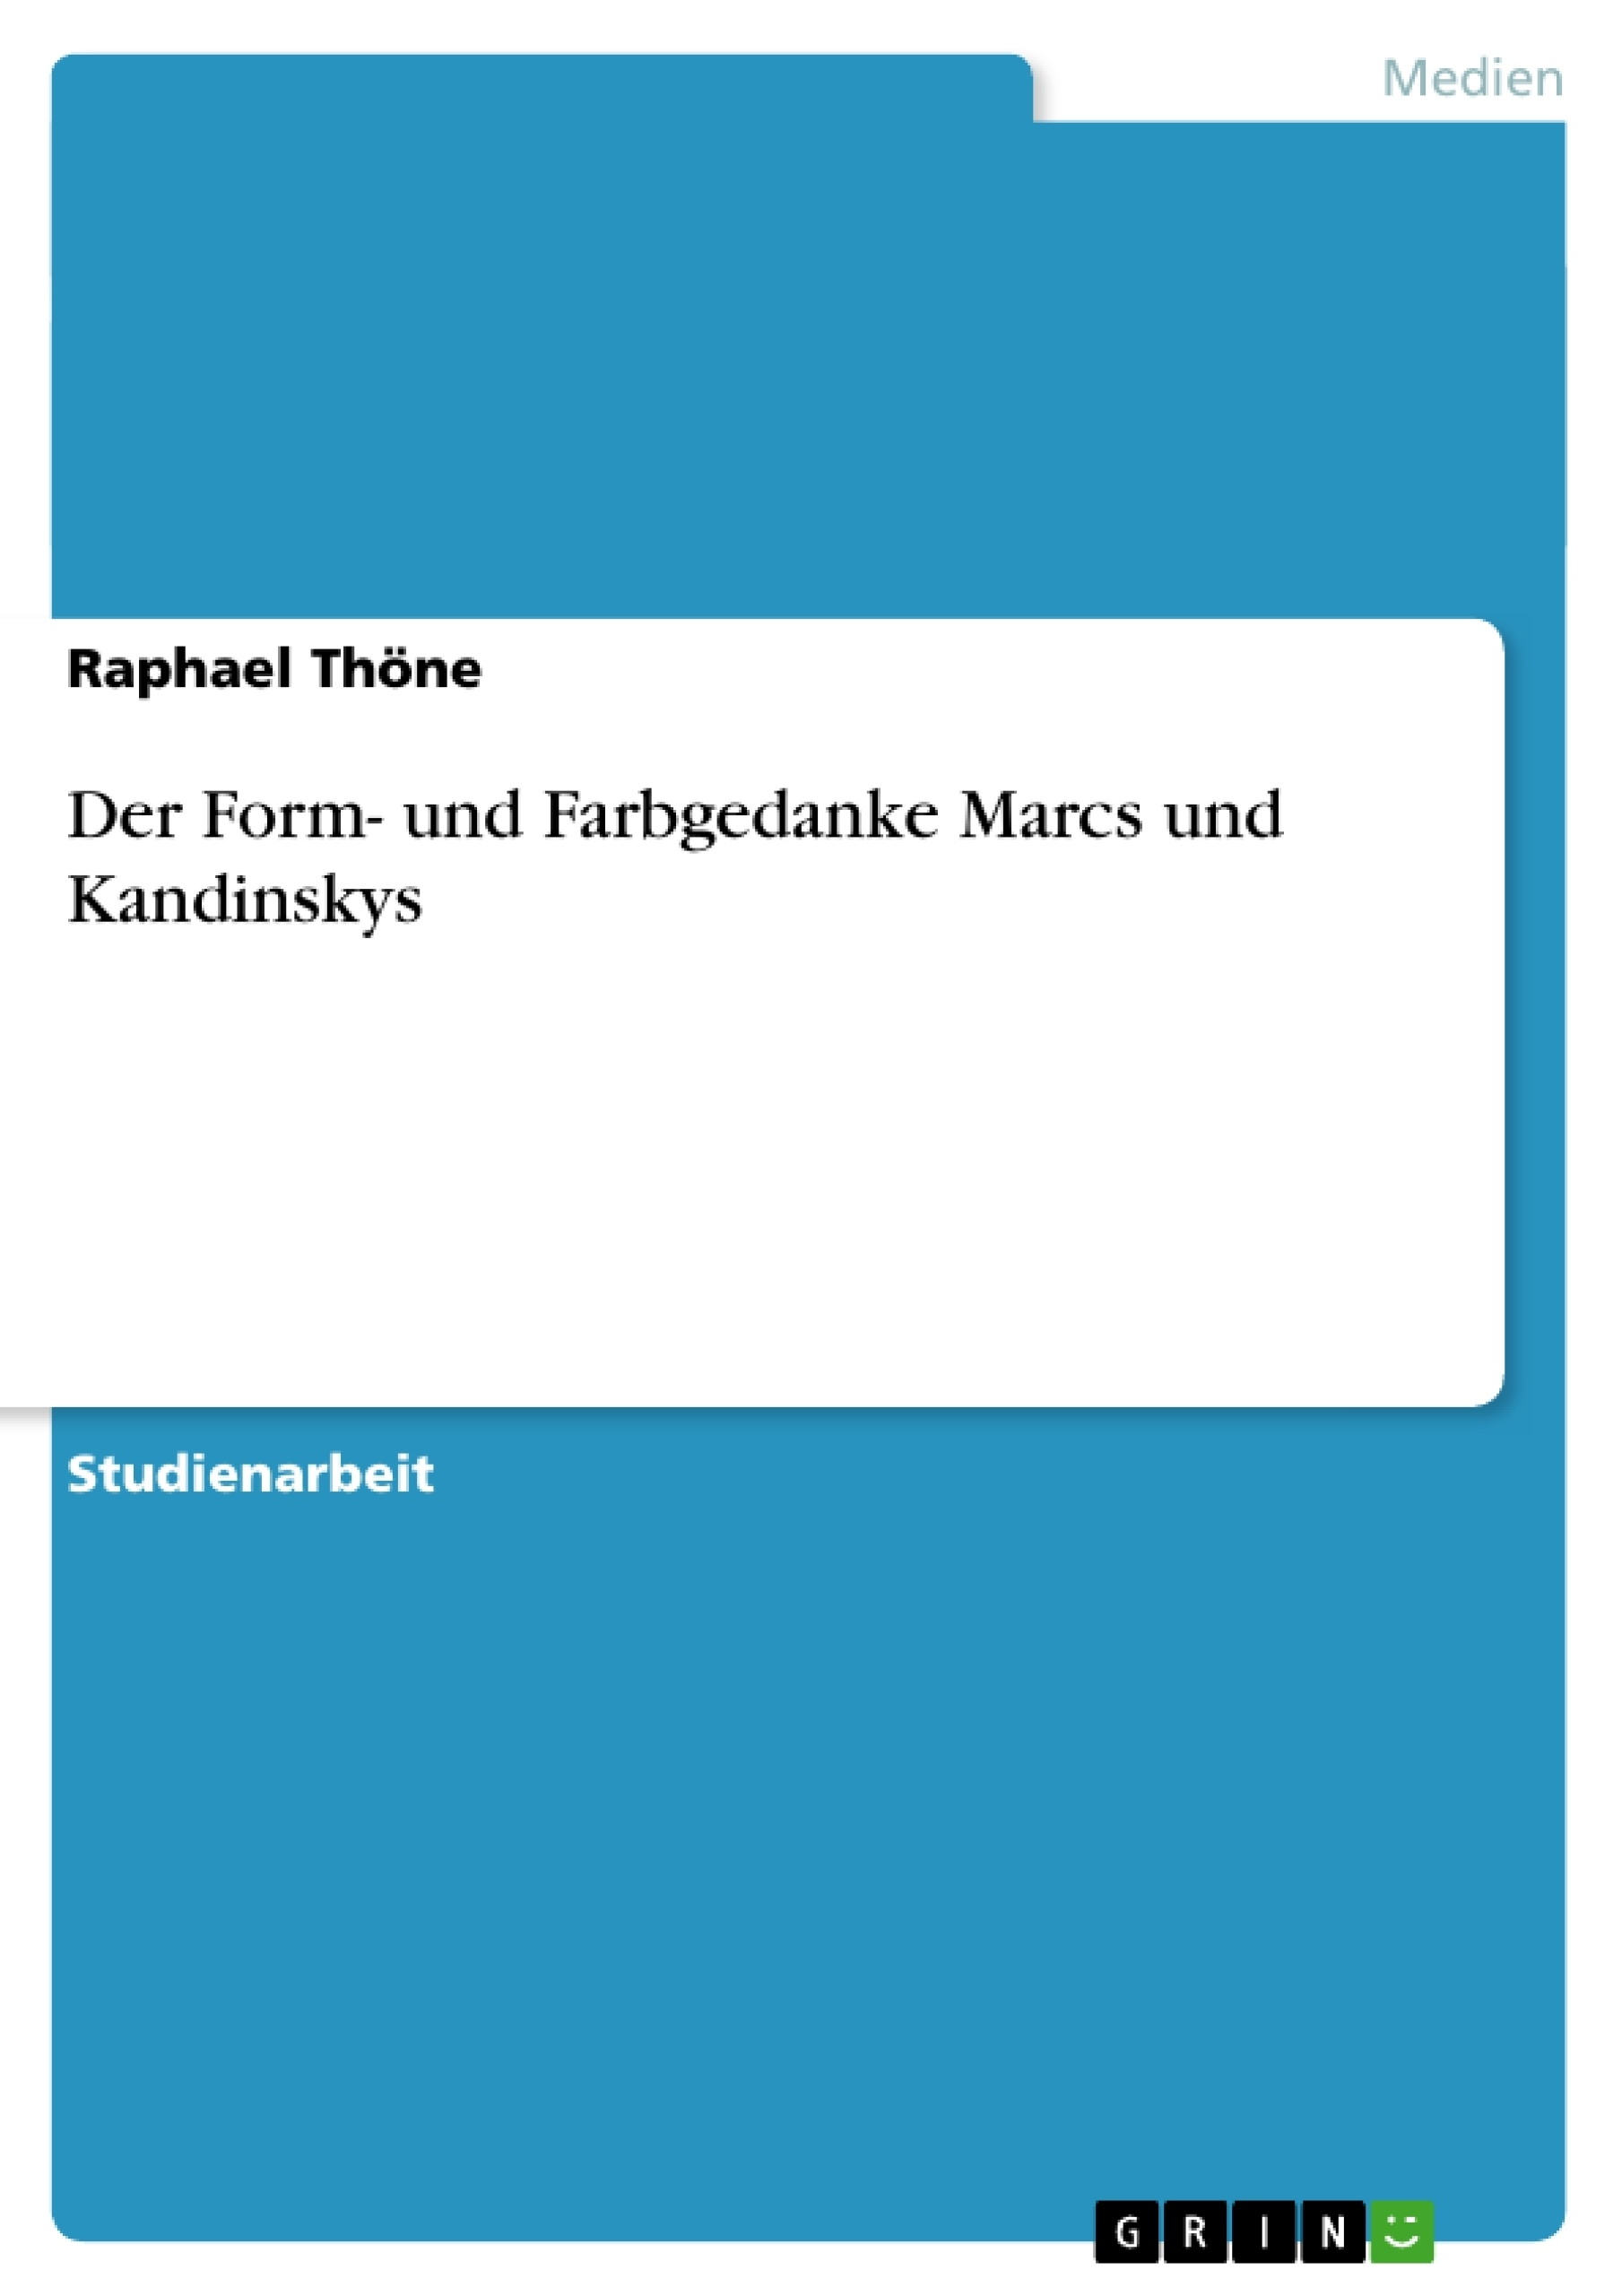 Titel: Der Form- und Farbgedanke Marcs und Kandinskys